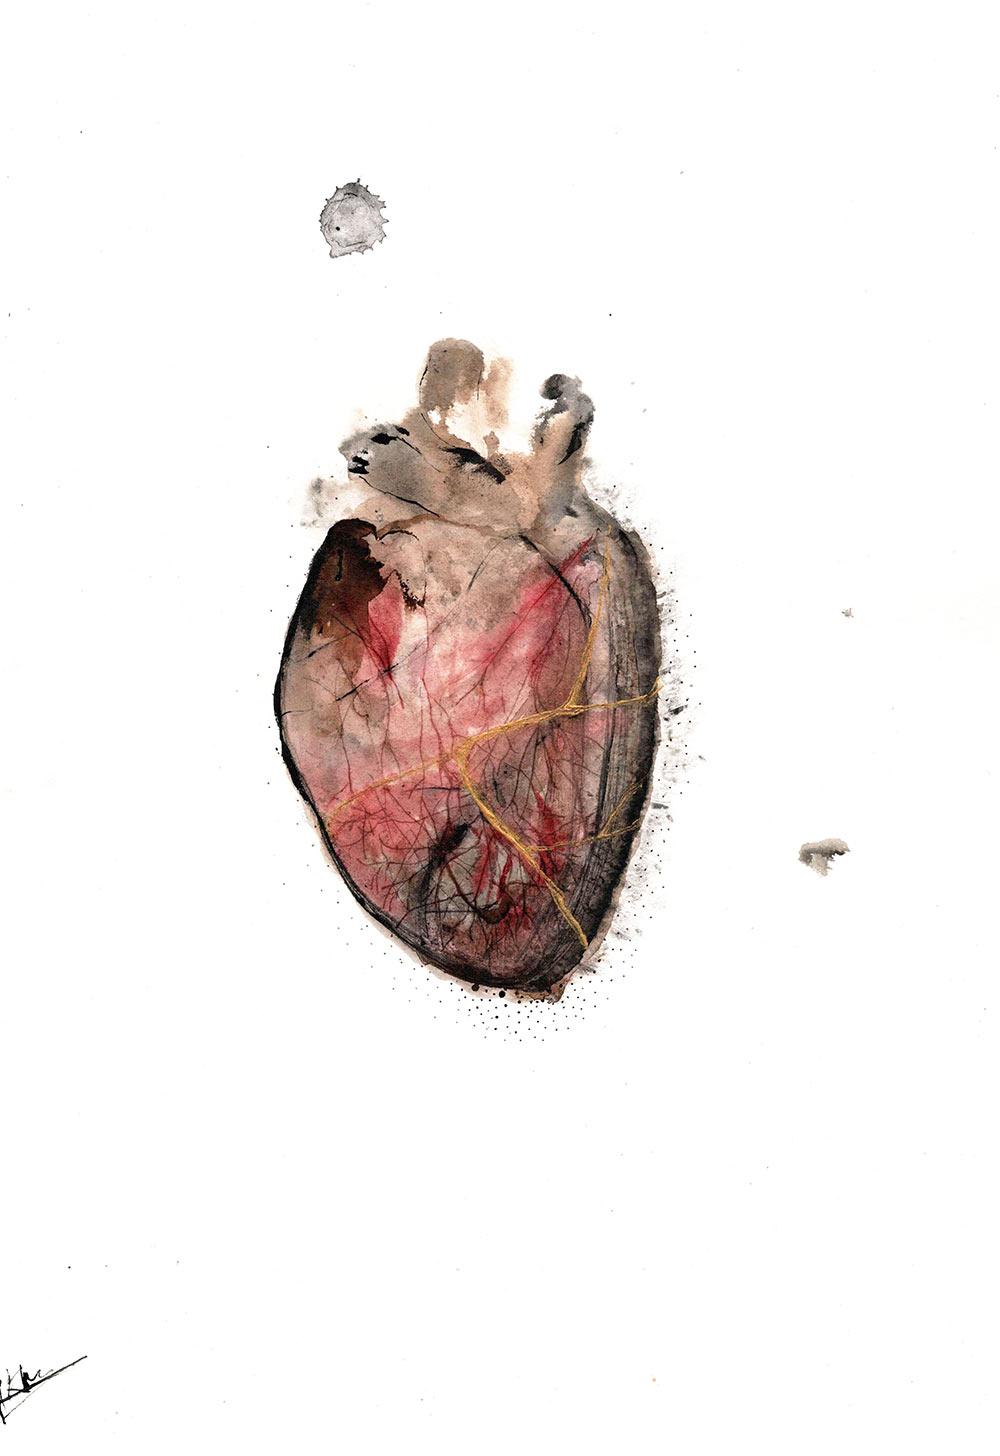 Aline Khieu. Sauver les vivants, 2020. Encre sur Papier, 40x30cm.